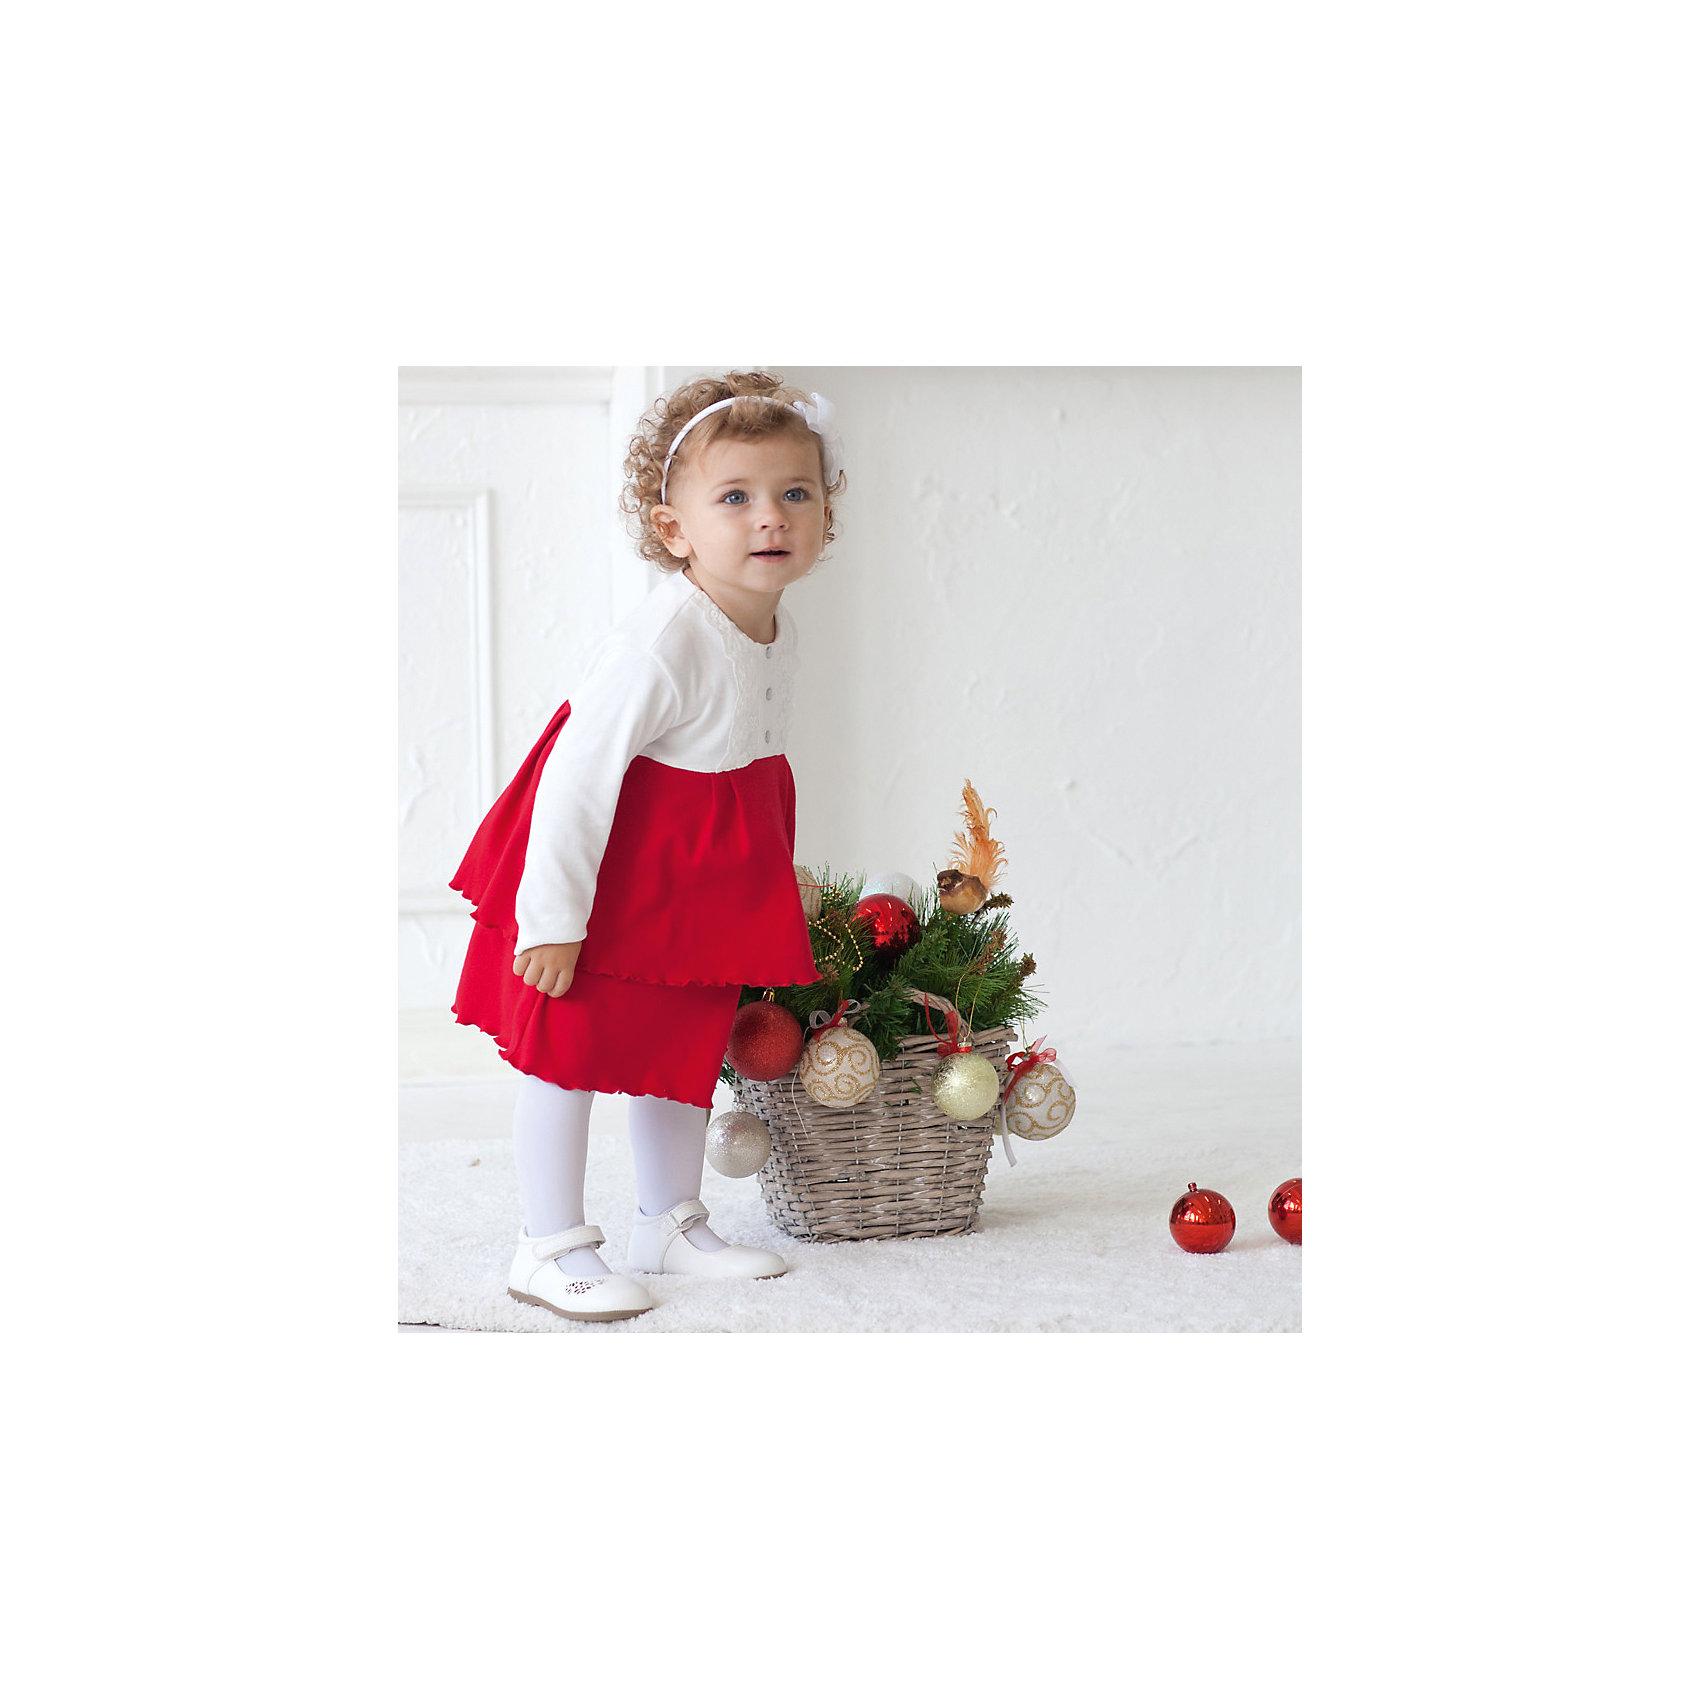 Боди-платье для девочки МАМУЛЯНДИЯБоди<br>Боди-платье для девочки МАМУЛЯНДИЯ<br>Боди-платье из дизайнерской коллекции для девочек Леди и джентльмены, выполнено из трикотажного полотна высшего качества (интерлок пенье).  Декорировано кружевом. Удобное расположение кнопок для переодевания малыша или смены подгузника. Кнопки из гипоаллергенного сплава без содержания никеля.  Стирать при температуре 40, носить с удовольствием.<br>Состав:<br>100% хлопок<br><br>Ширина мм: 157<br>Глубина мм: 13<br>Высота мм: 119<br>Вес г: 200<br>Цвет: красный<br>Возраст от месяцев: 3<br>Возраст до месяцев: 6<br>Пол: Женский<br>Возраст: Детский<br>Размер: 68,86,62,74,80<br>SKU: 5108824